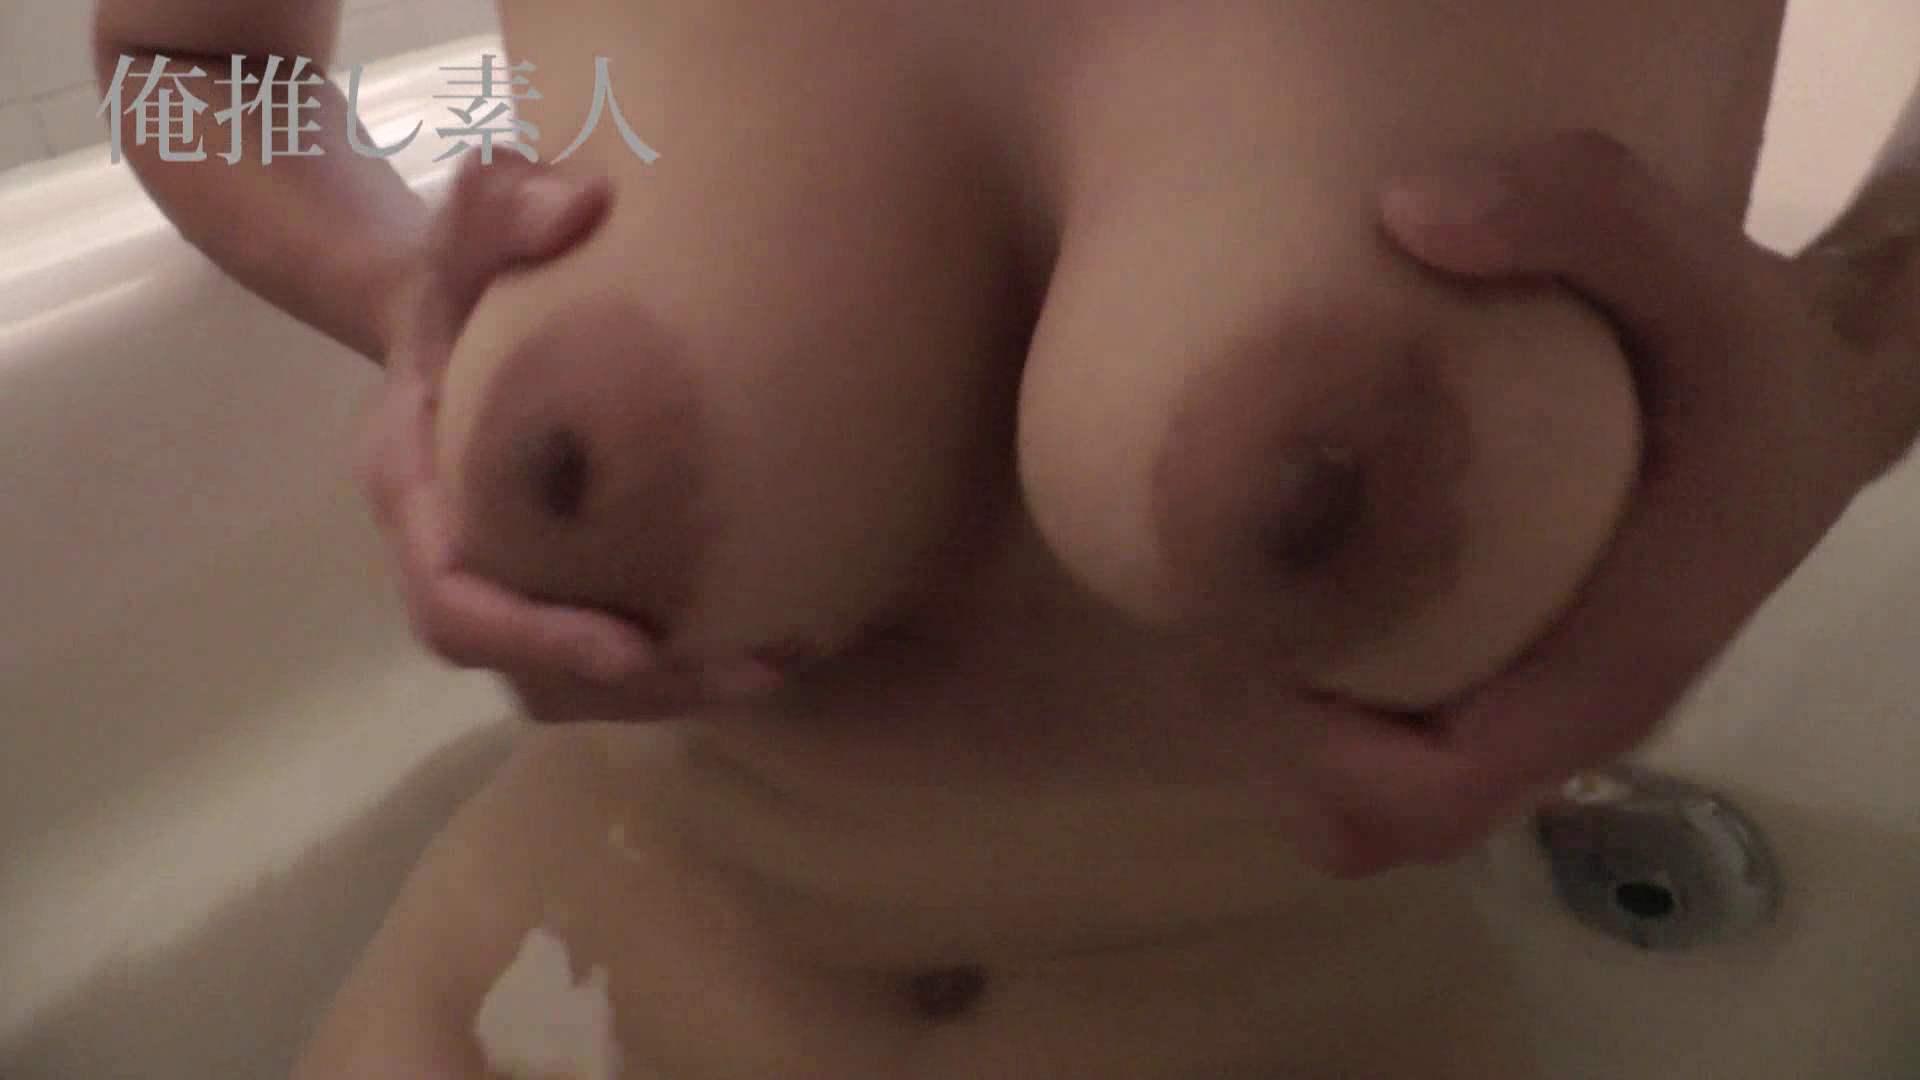 俺推し素人 30代人妻熟女キャバ嬢雫Vol.02 一般投稿 | 人妻のエッチ  100pic 22